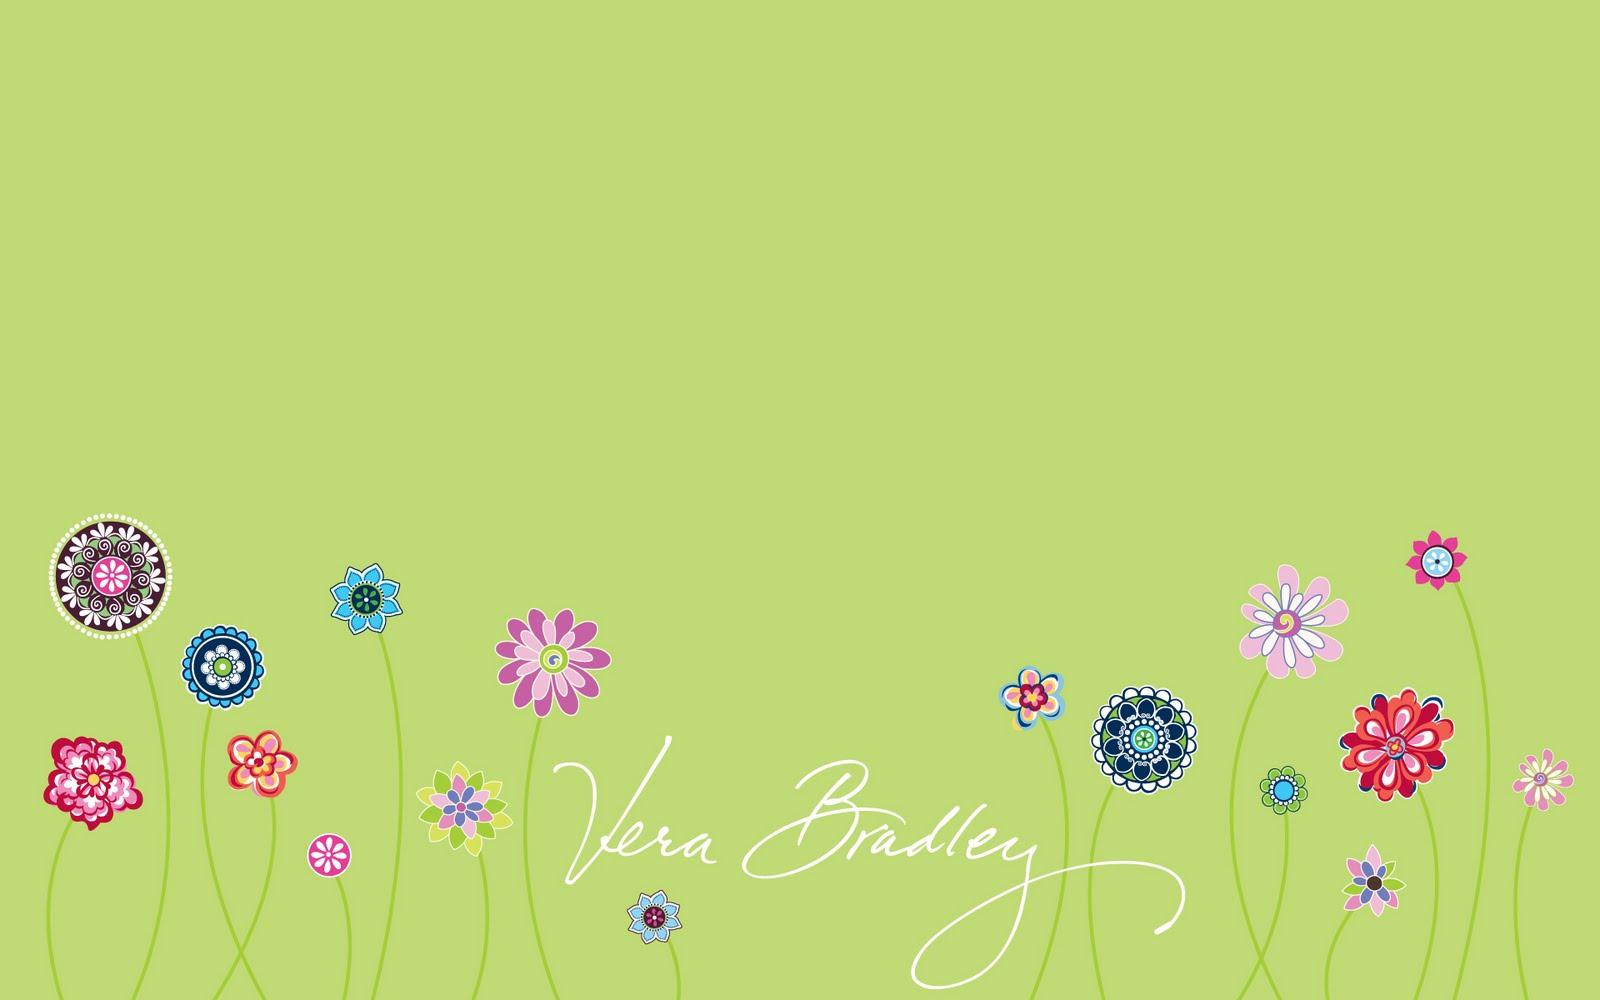 http://4.bp.blogspot.com/-rVUujjyp6iw/Tjr_vIb0yoI/AAAAAAAAAQ0/T9LdKSCHMX4/s1600/desktop-vb-s09-spring-1920x1200.jpg